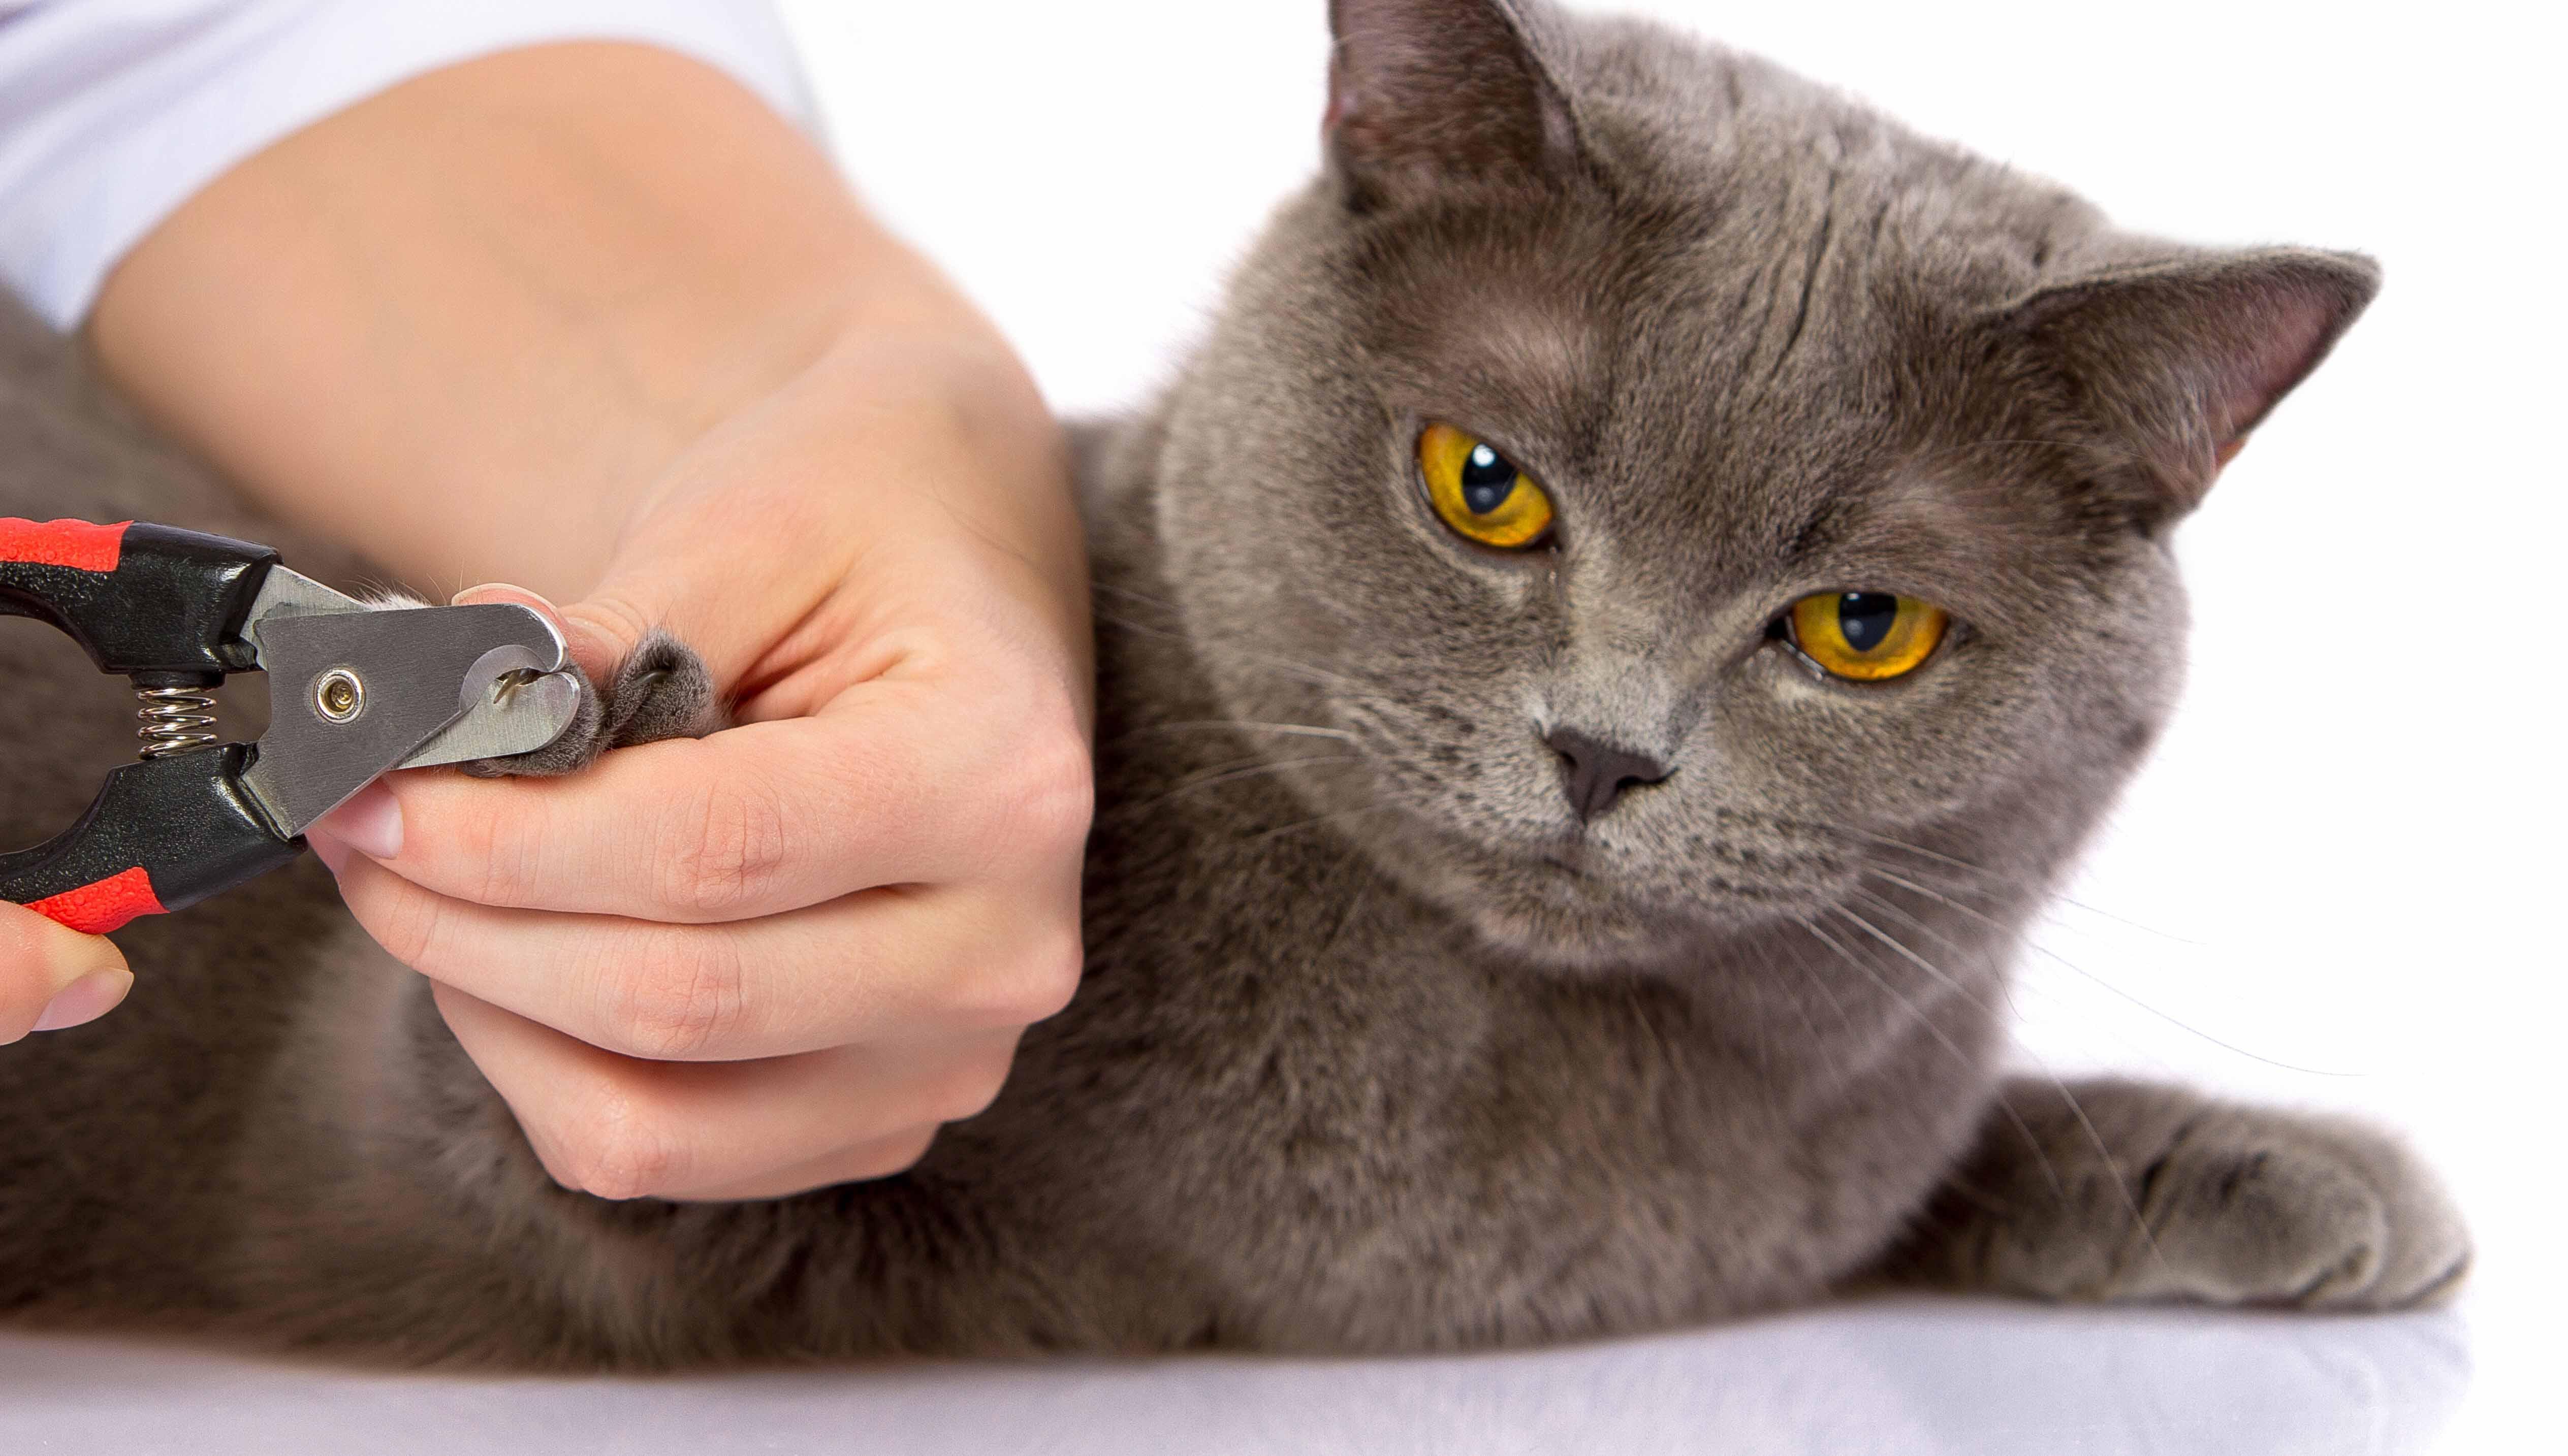 Кошка дерет мебель? Отучить кошку царапать мебель просто 42